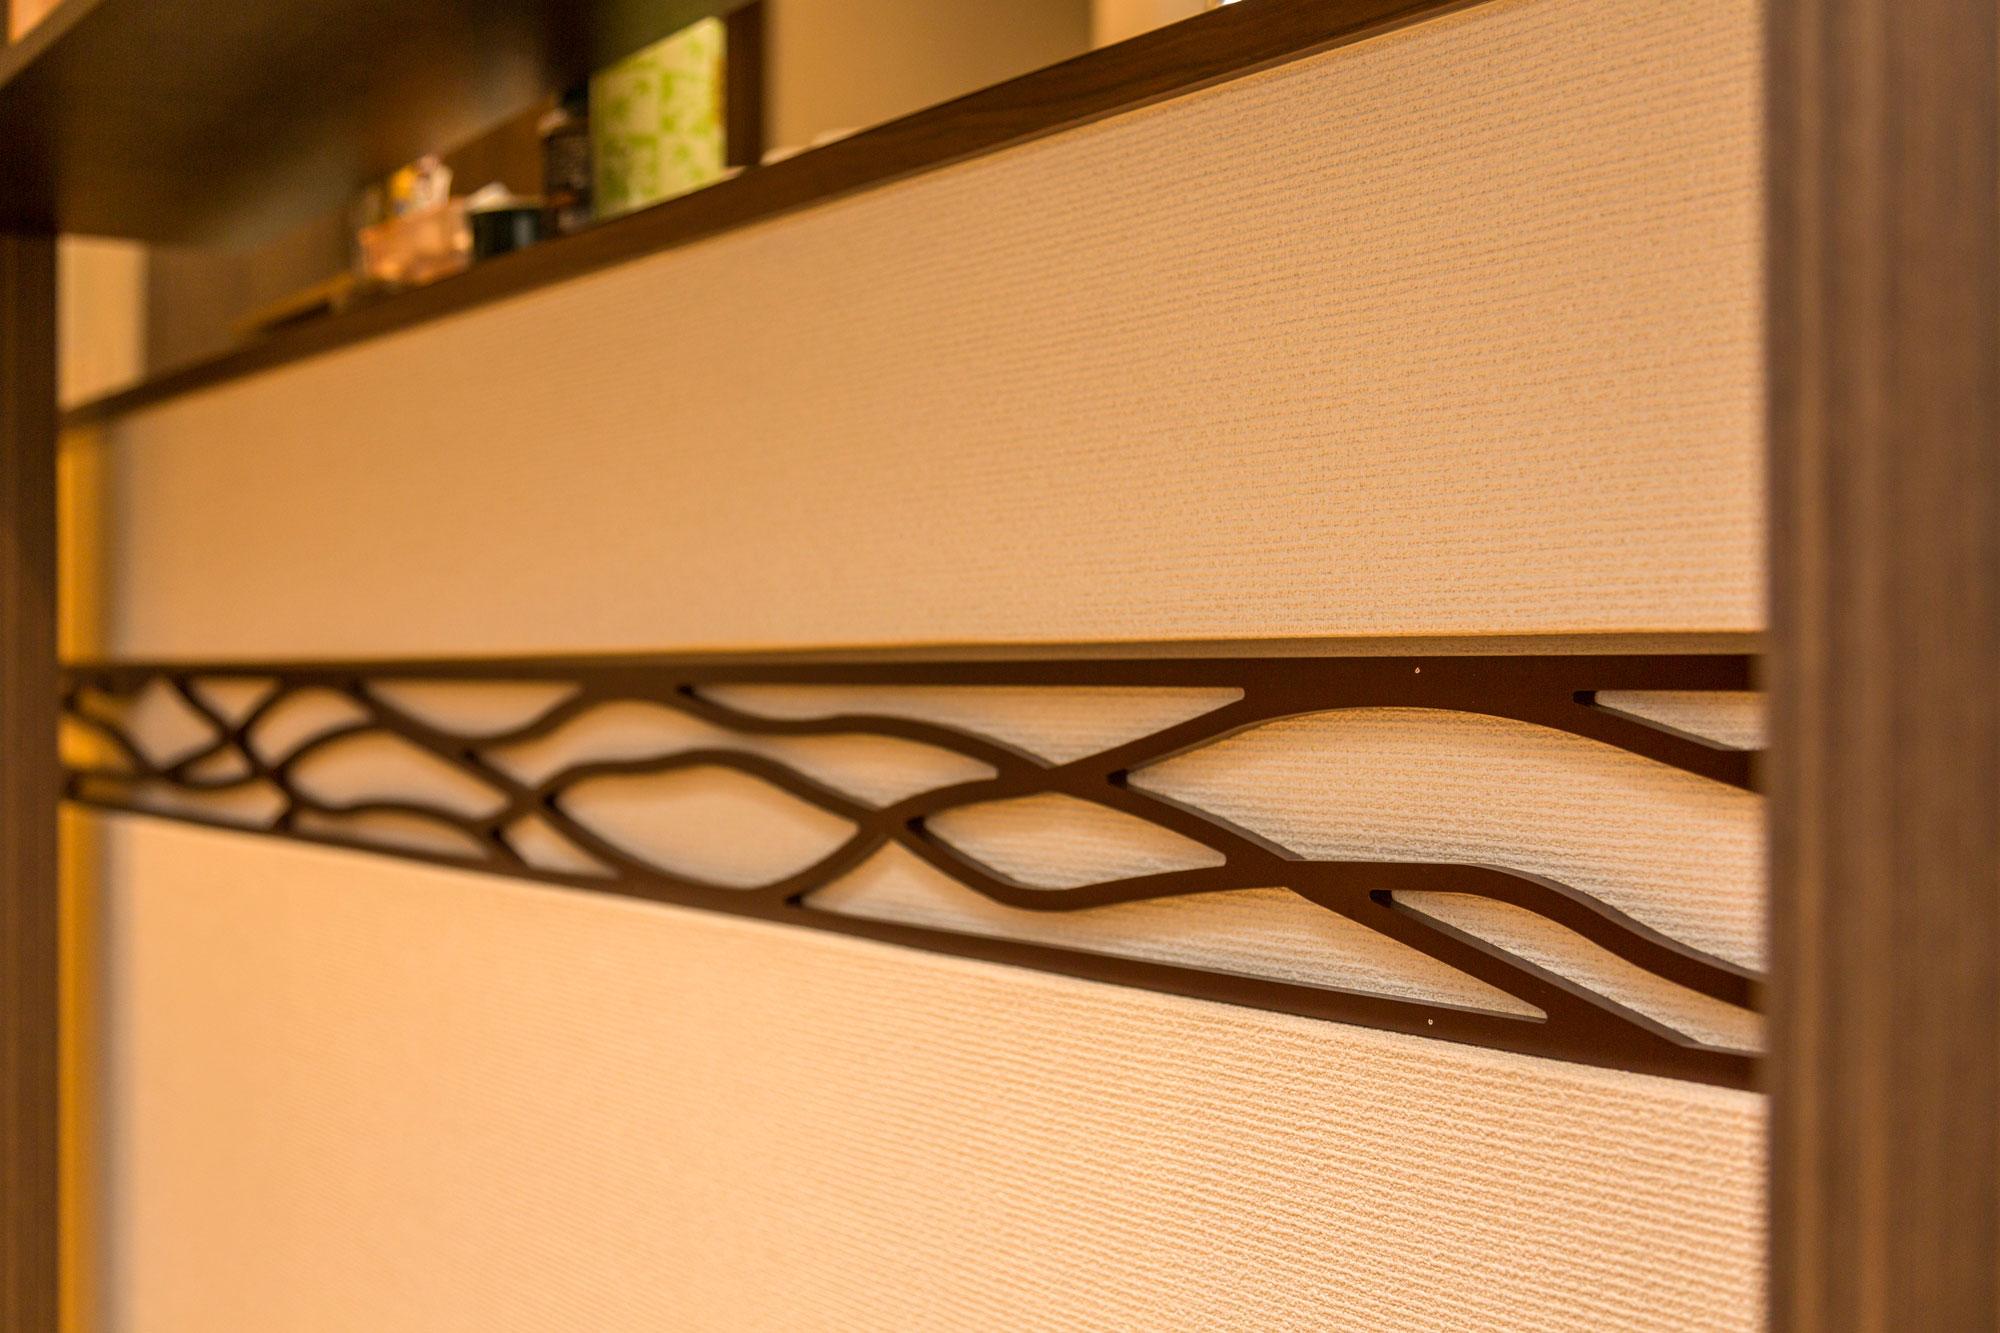 欄間調にデザインし造作したもの。キッチンコーナーのアクセントに。